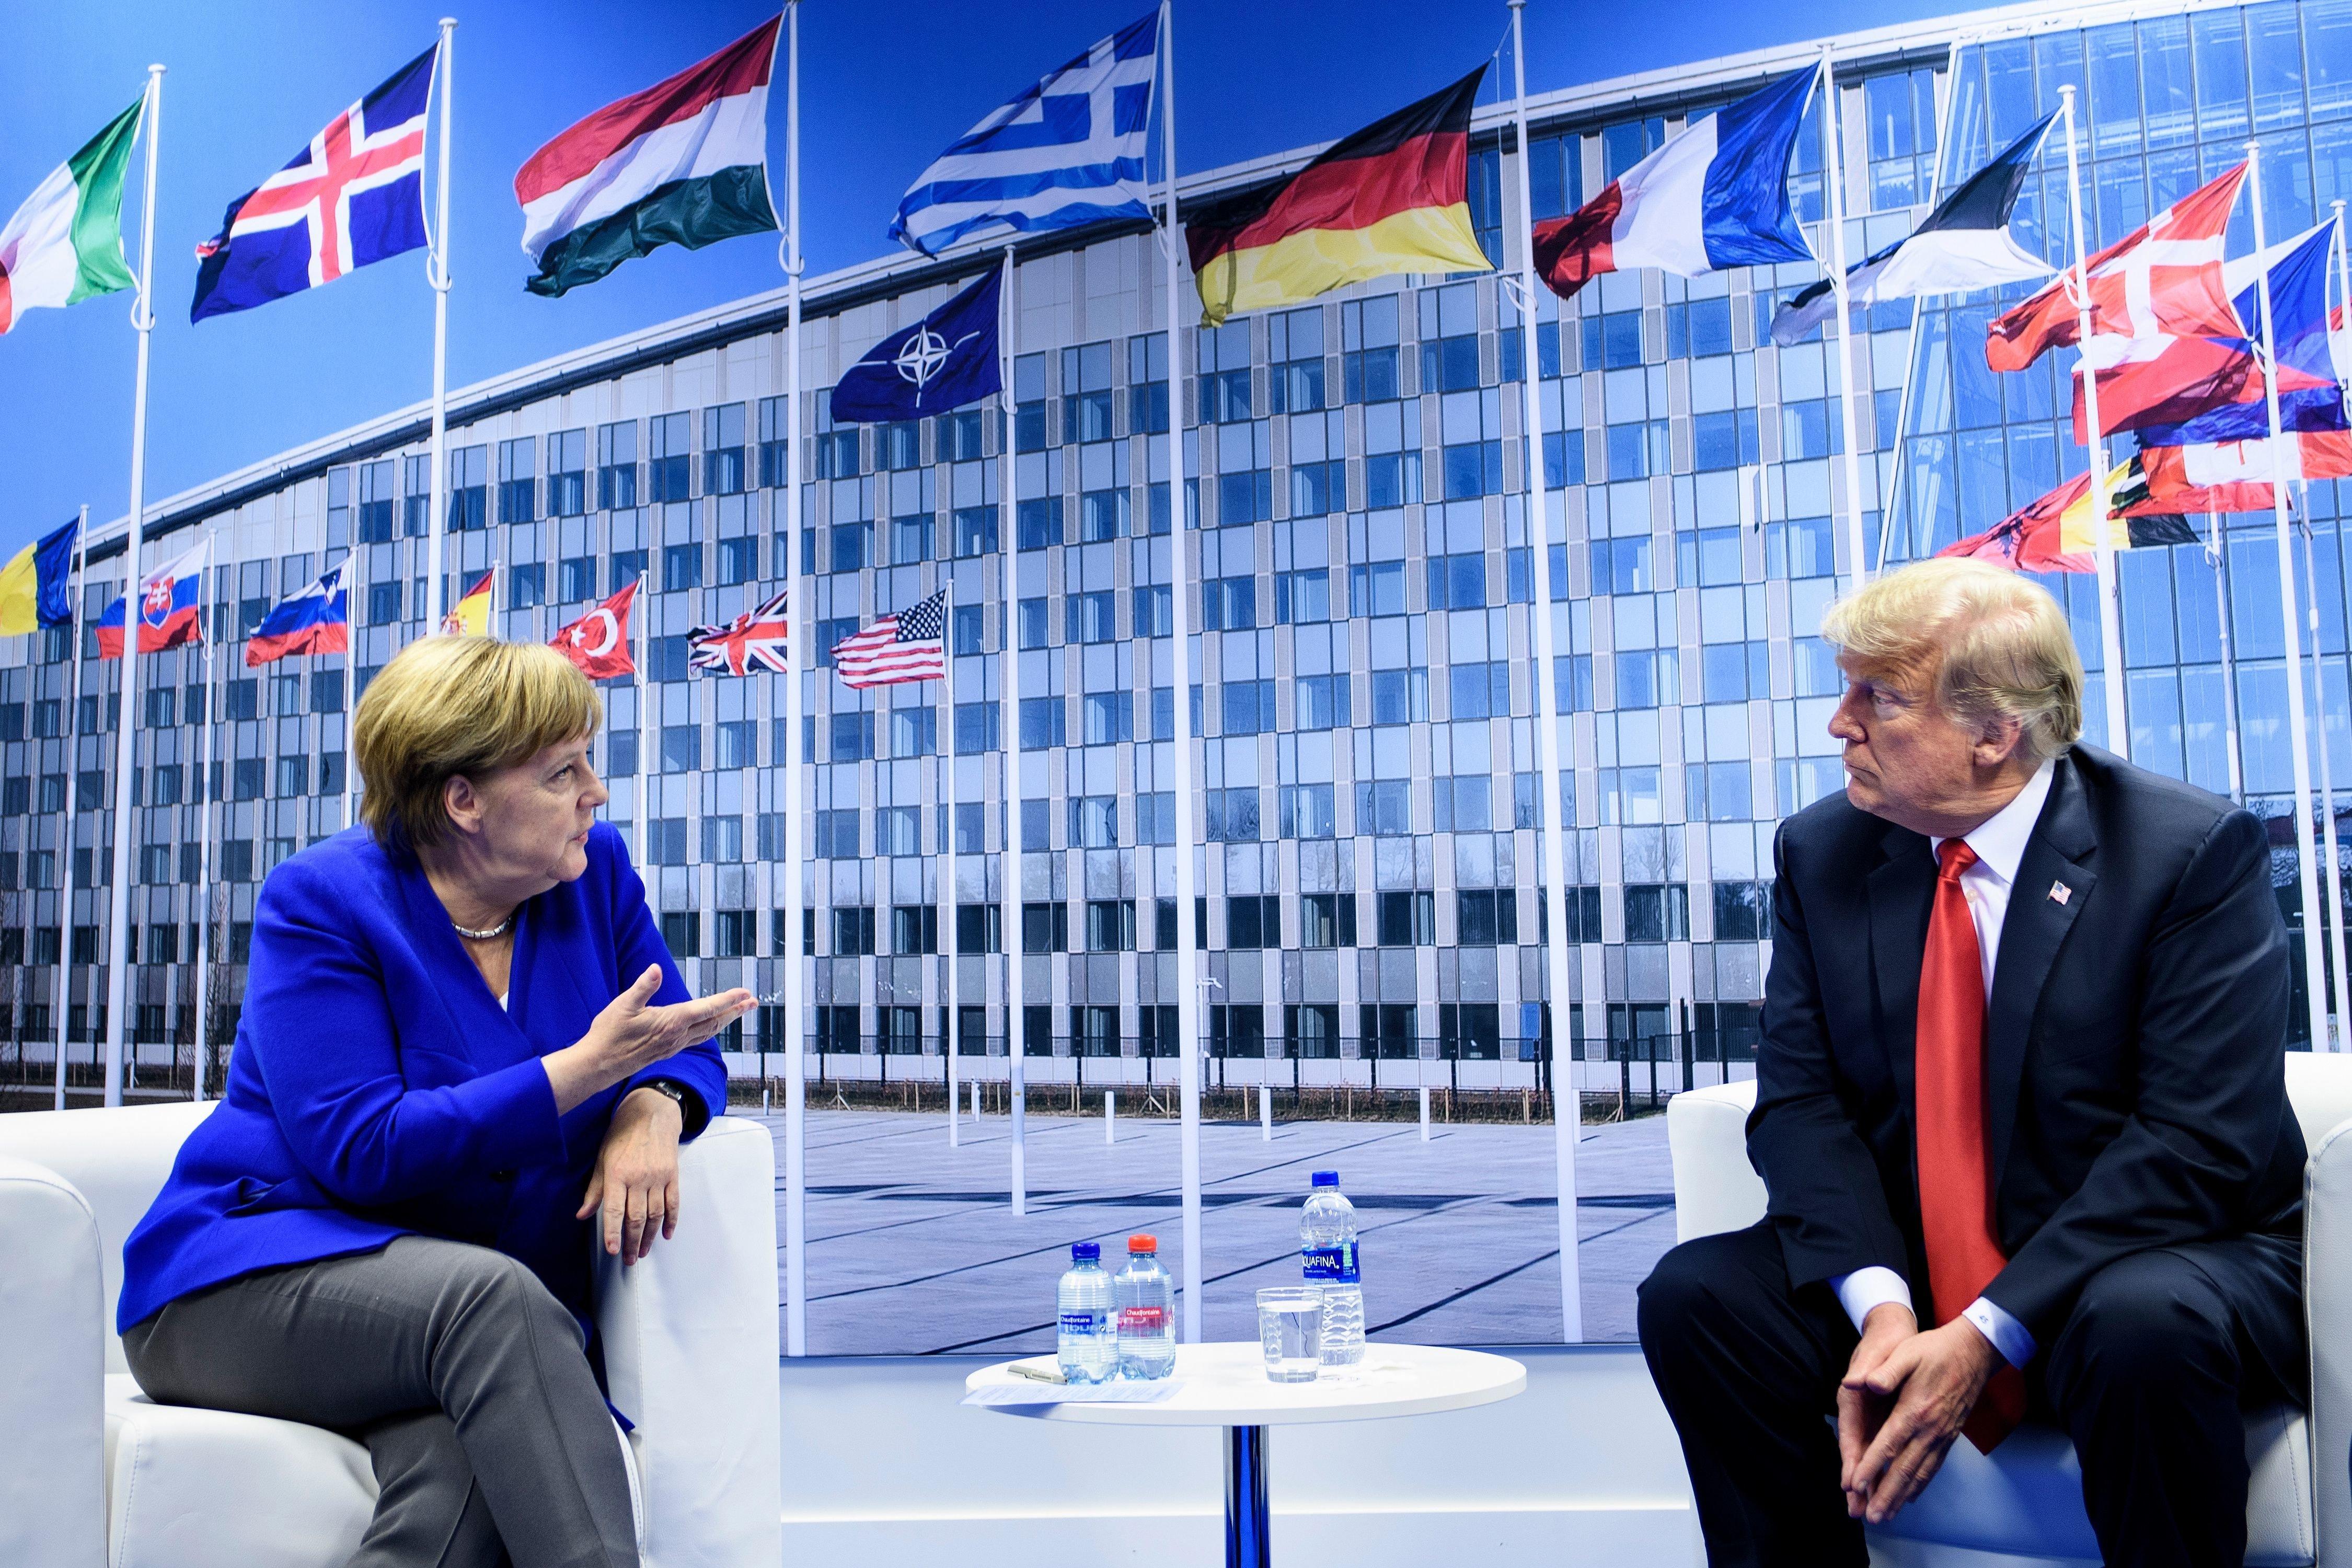 메르켈과 트럼프가 나토 정상회의에서 설전을